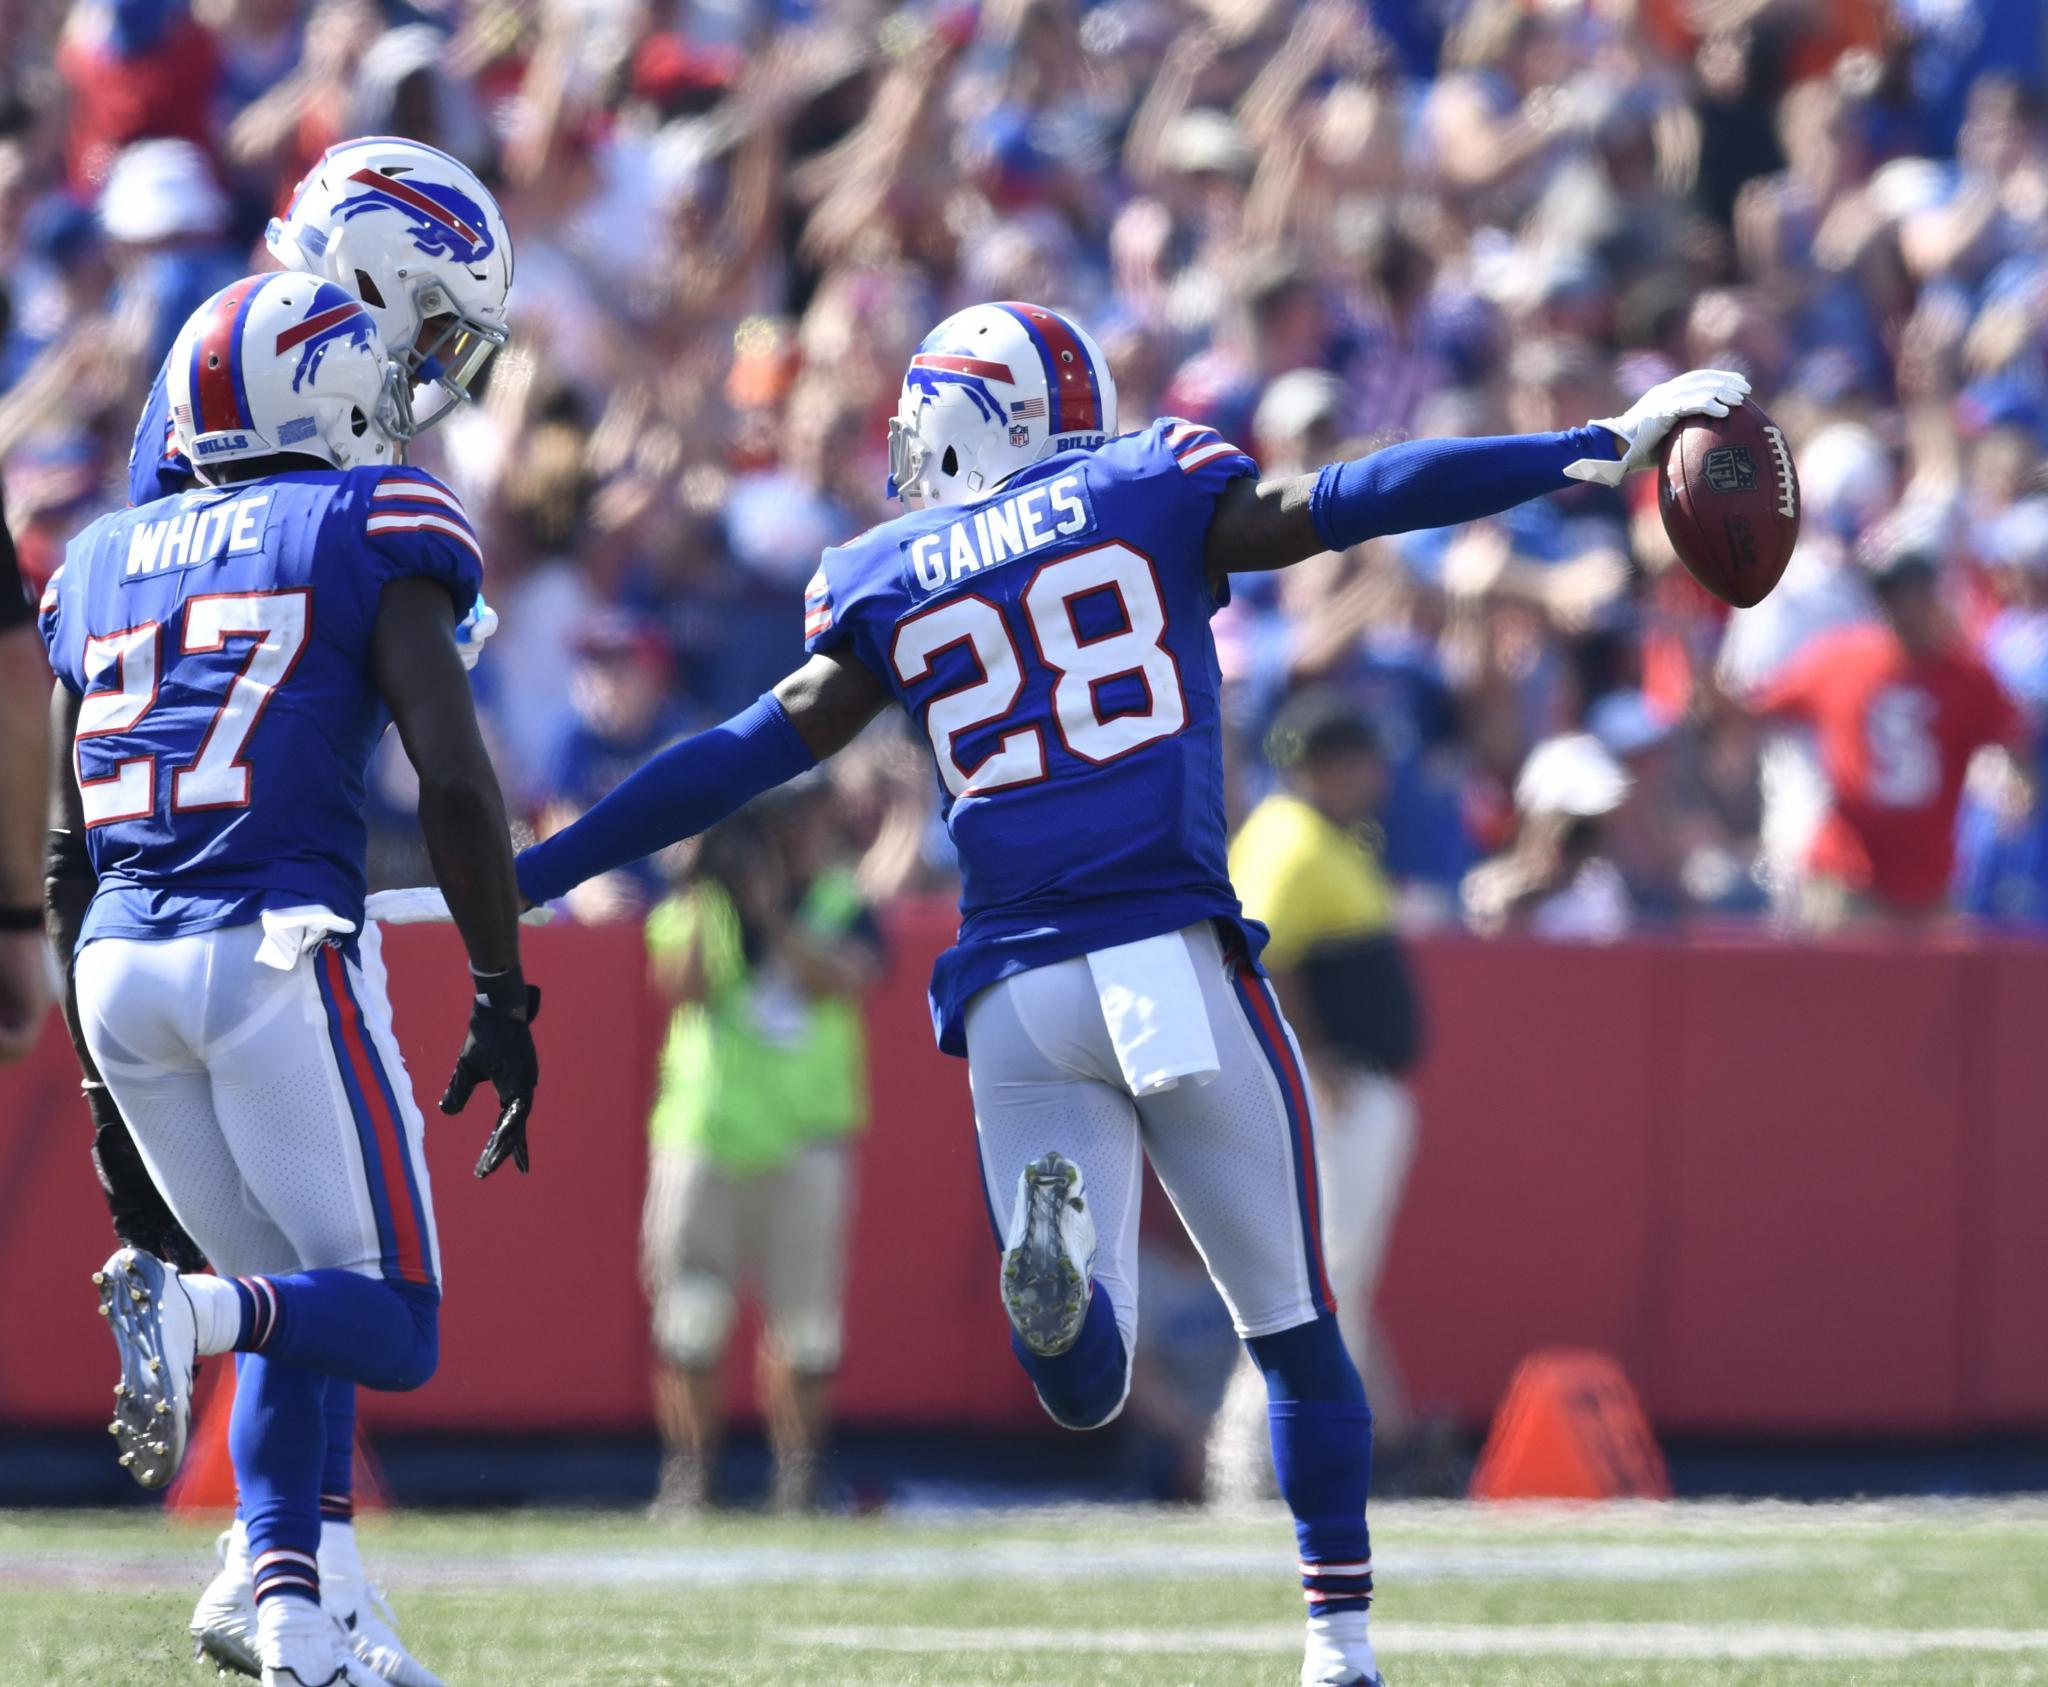 823d25b8 Bills bring back cornerback E.J. Gaines | WGR 550 SportsRadio